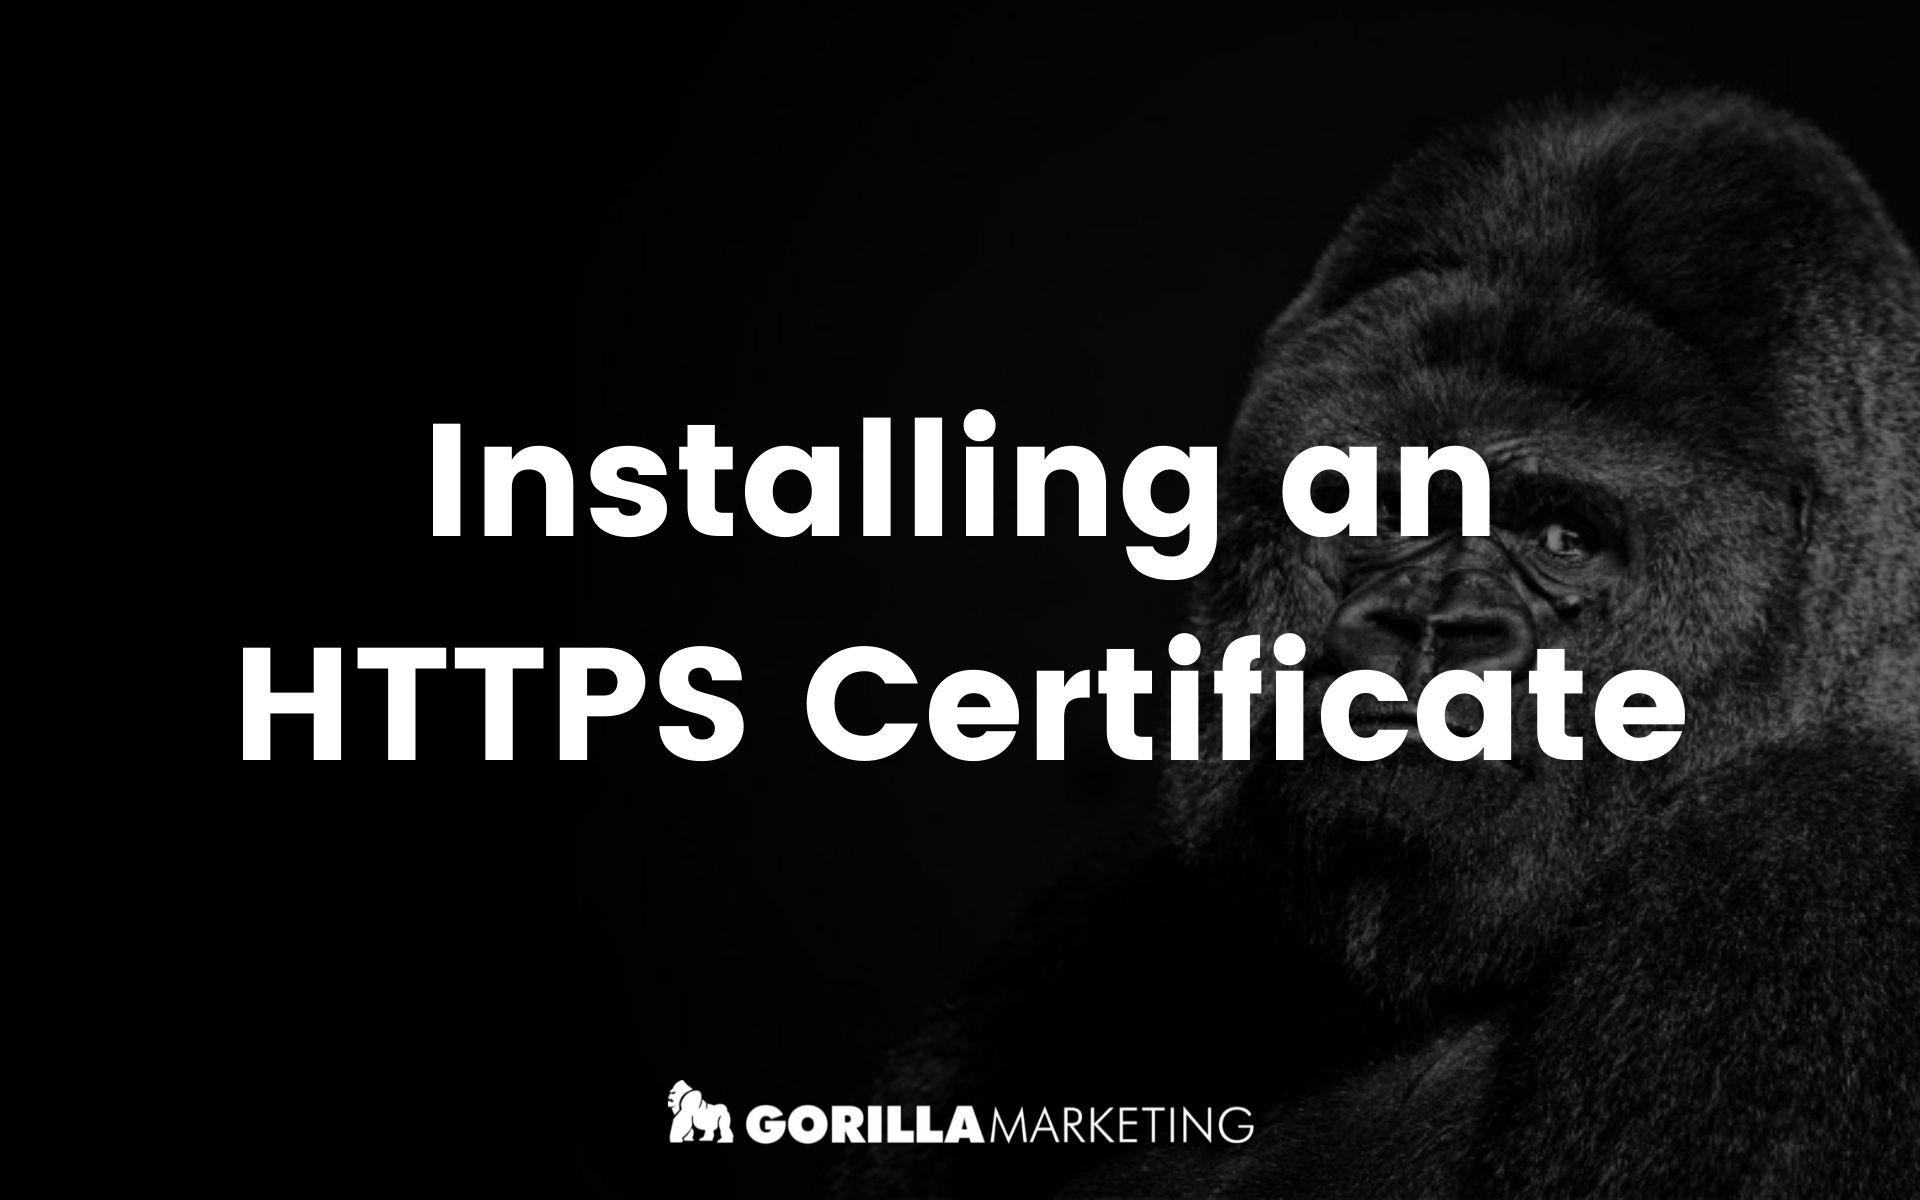 Installing an HTTPS Certificate